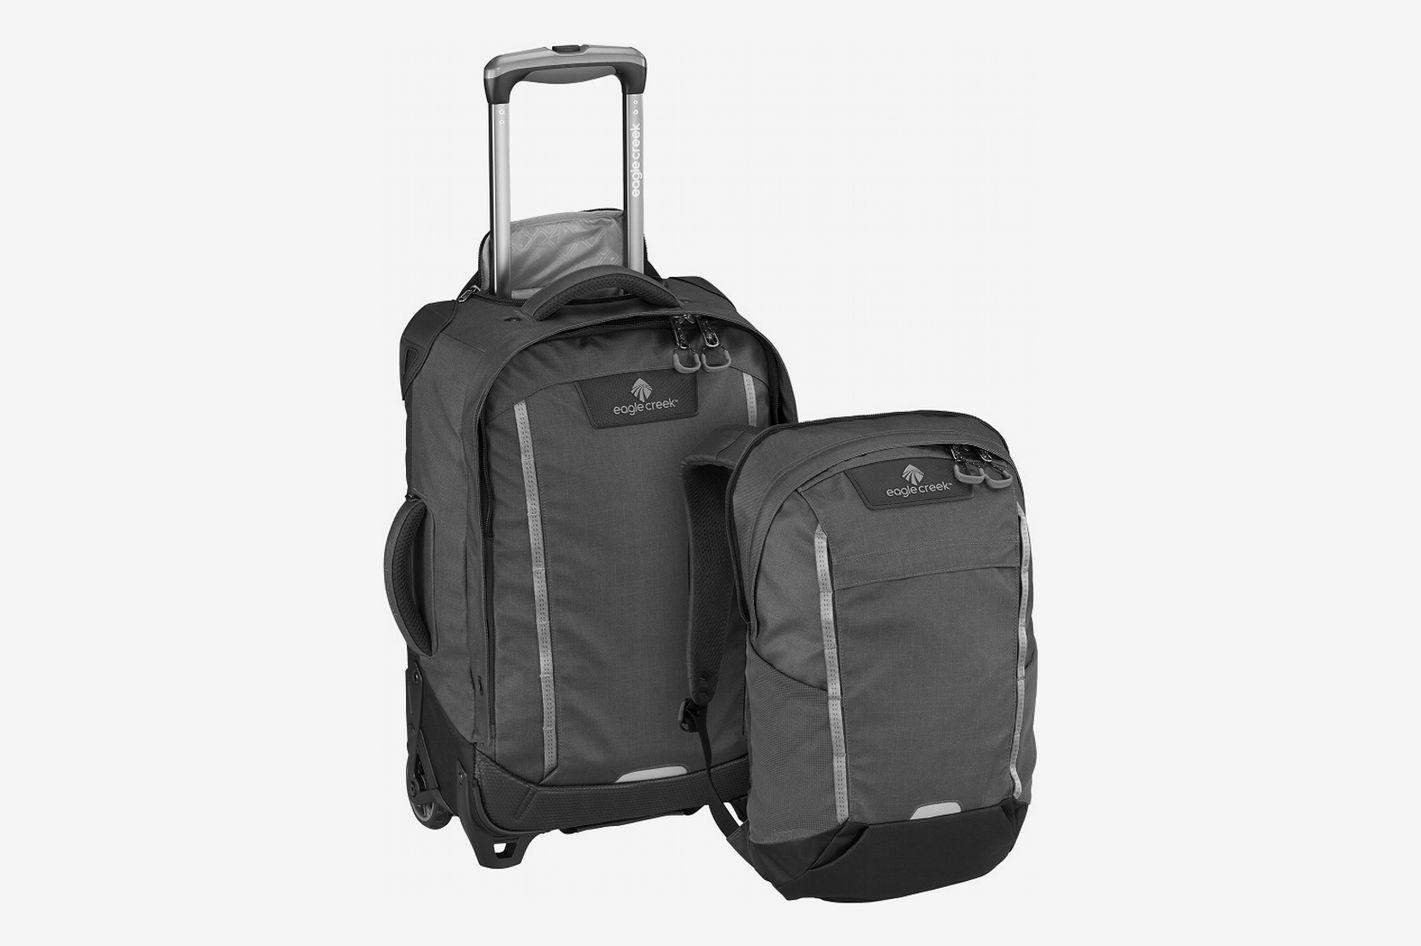 Eagle CreekSwitchback 22 Carry-On Bag